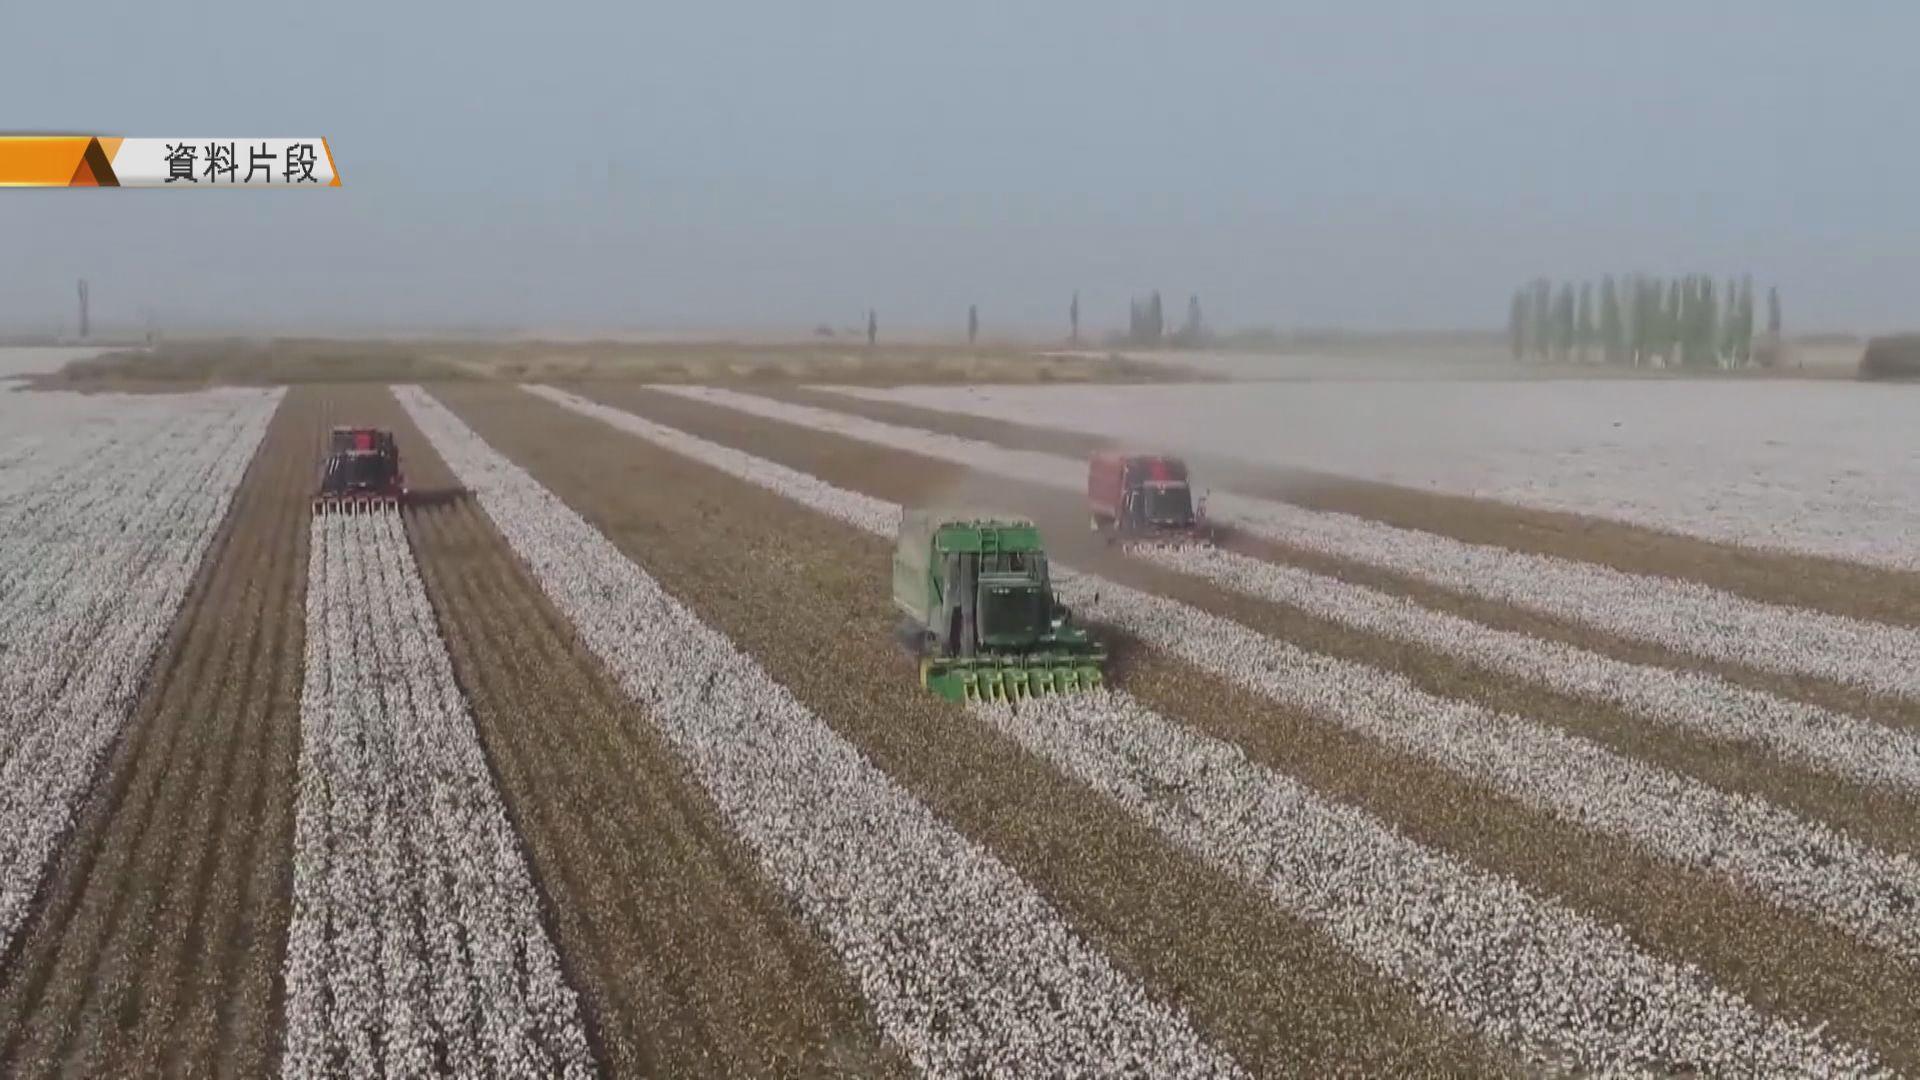 美國押後宣布禁止入口新疆棉製品